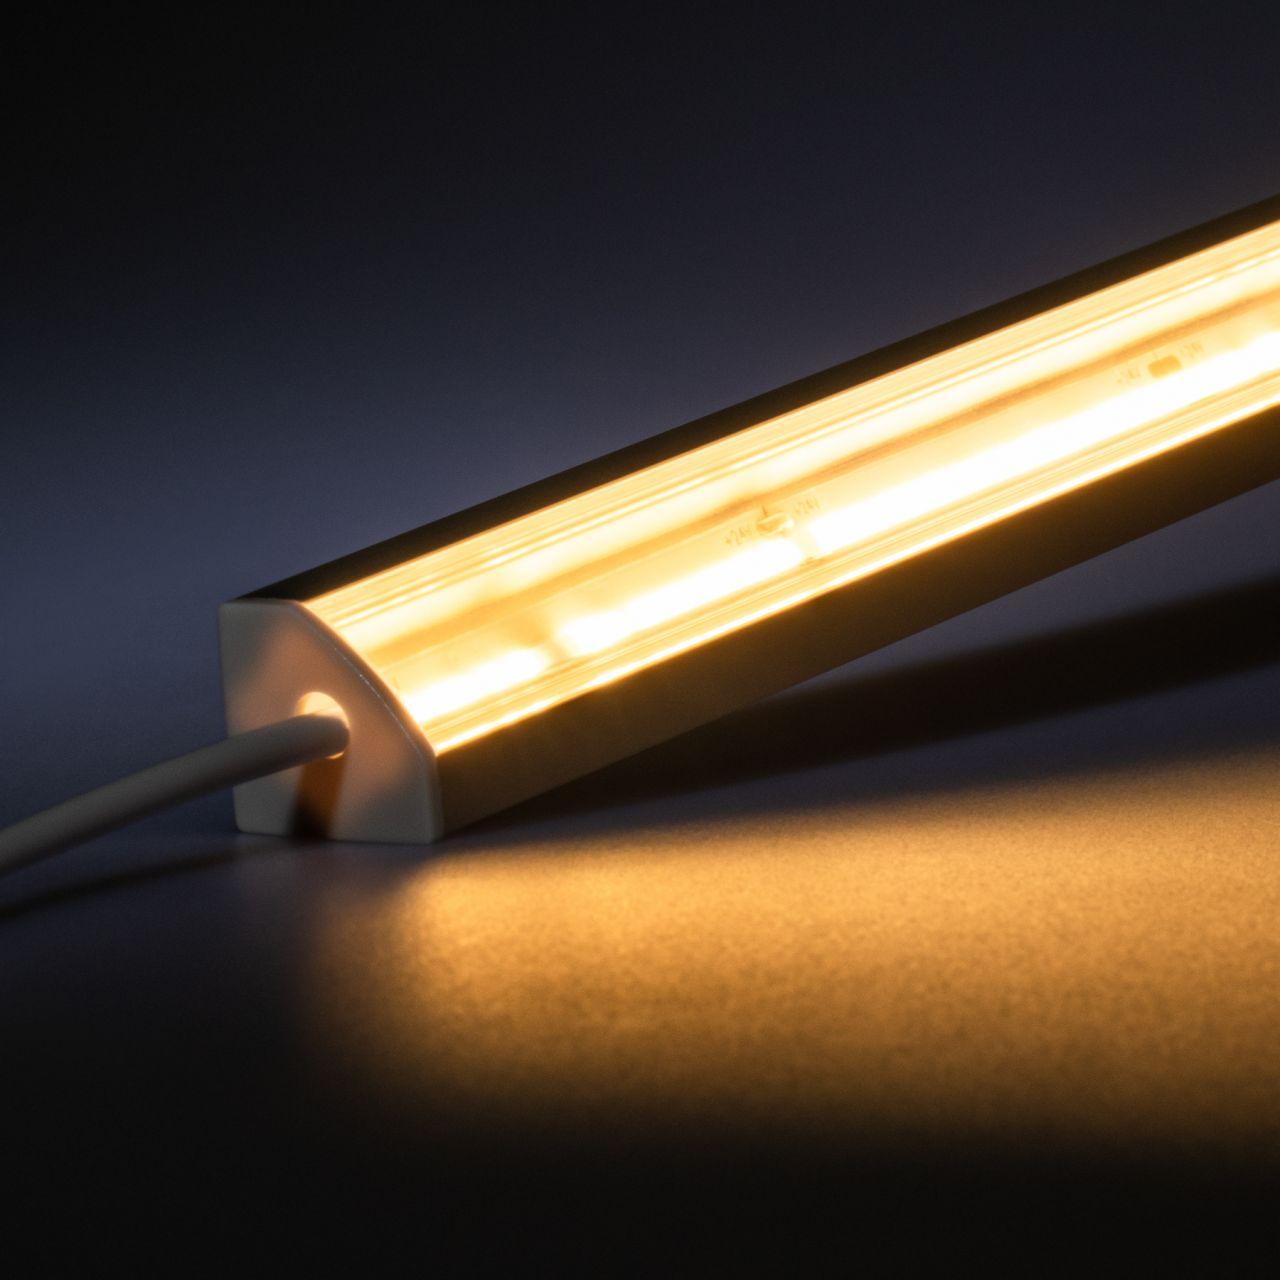 24V Aluminium LED Eckleiste – COB - warmweiß – transparente Abdeckung